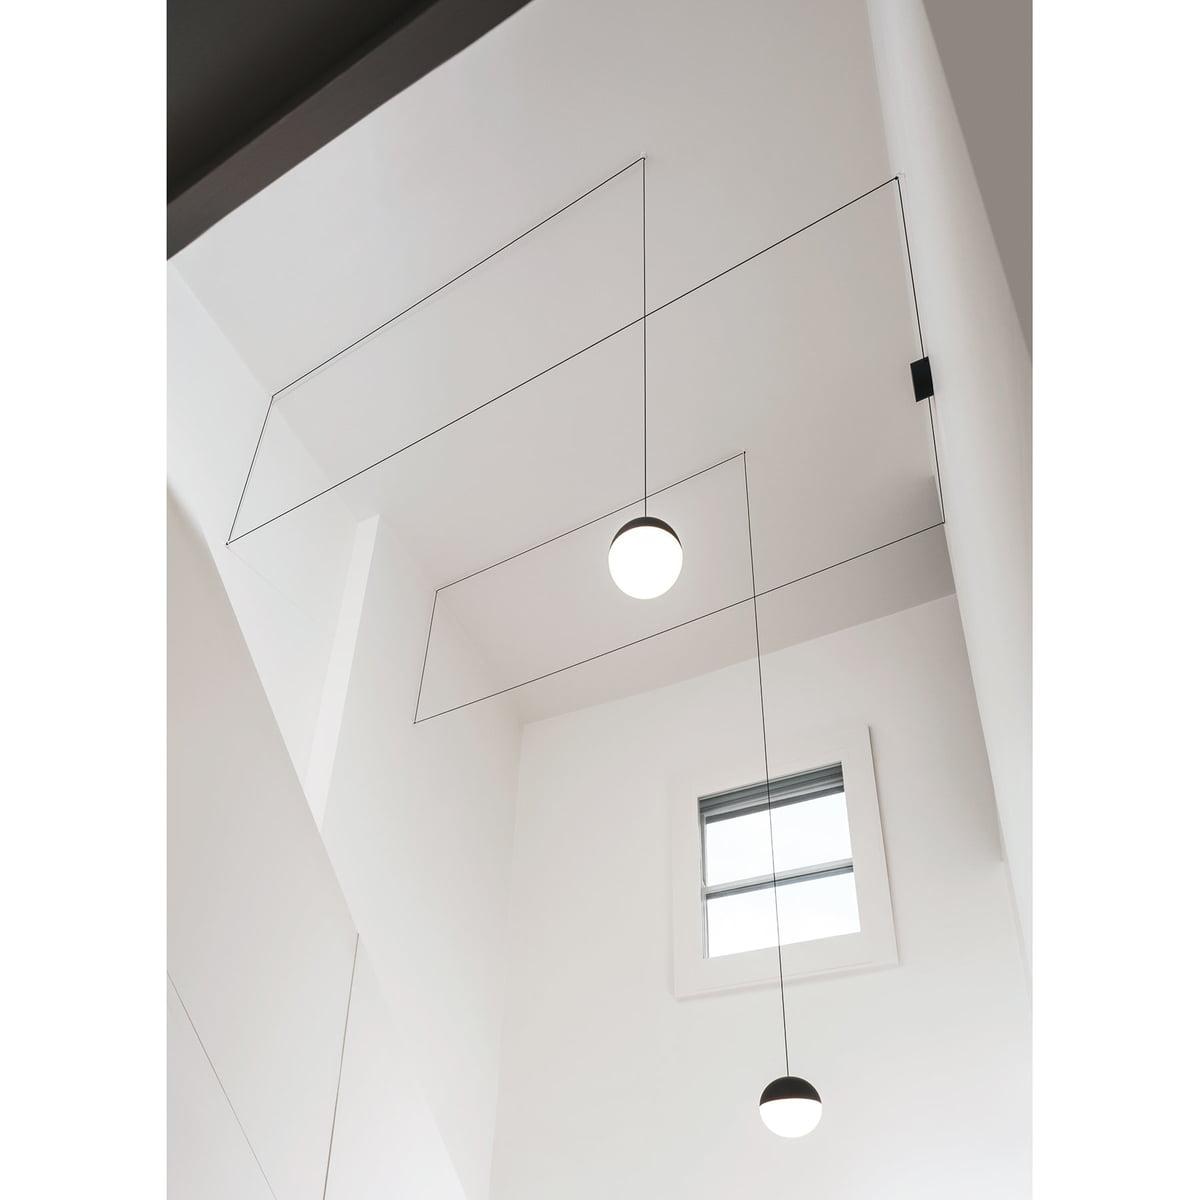 Großartig Deckenleuchte Installation Verkabelung Fotos ...